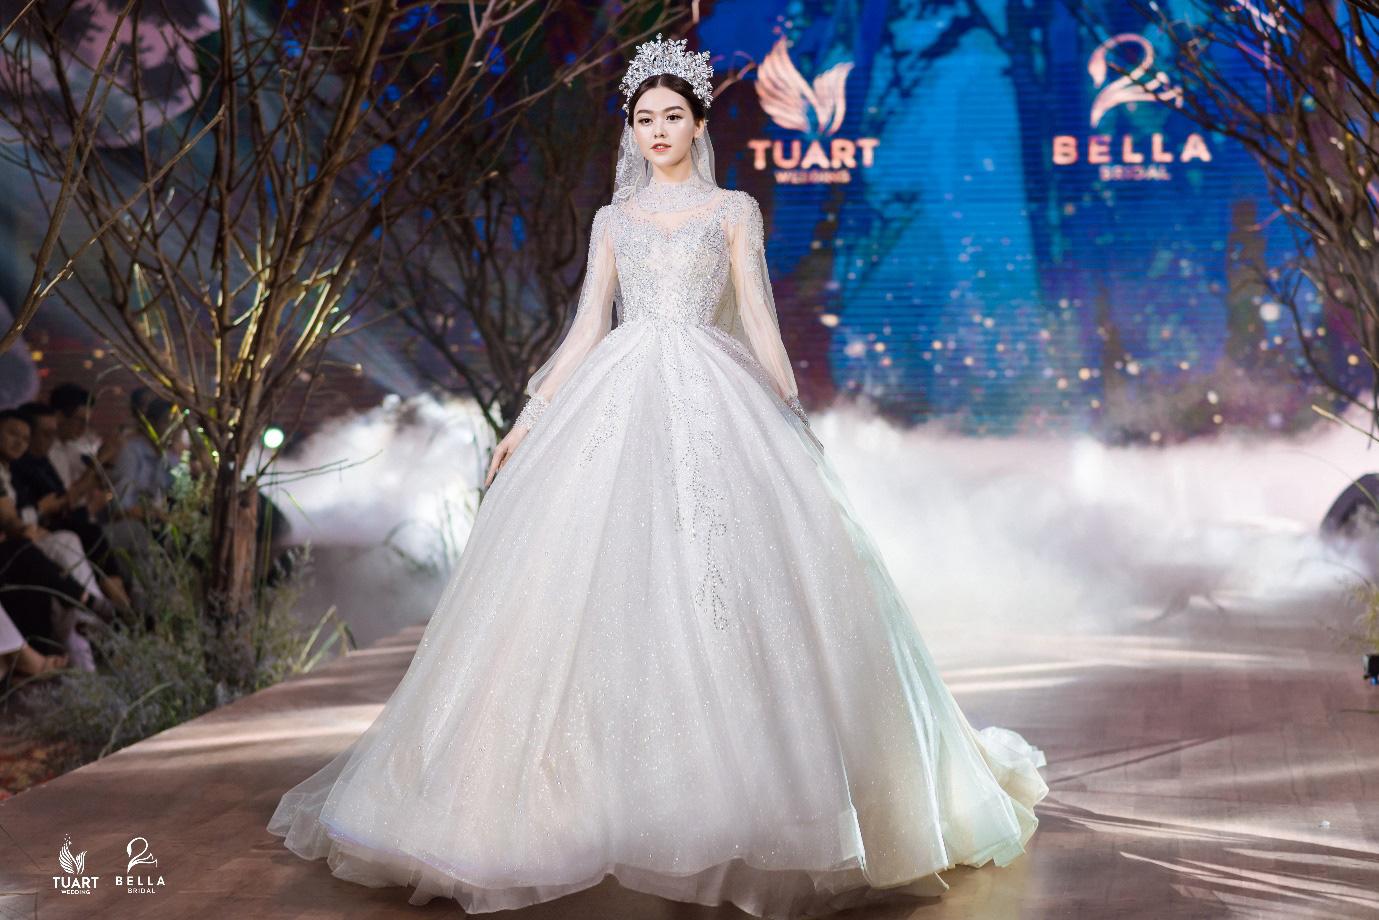 Á hậu Tường San, người mẫu một tay Hà Phương thu hút mọi ánh nhìn trong show diễn váy cưới đỉnh cao Bella Fashion Show - Ảnh 4.